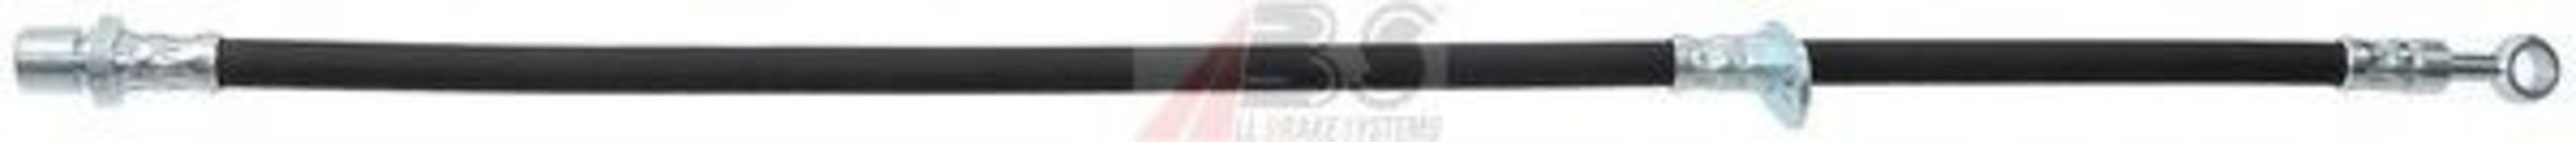 Шланг тормозной A.B.S. SL 6276